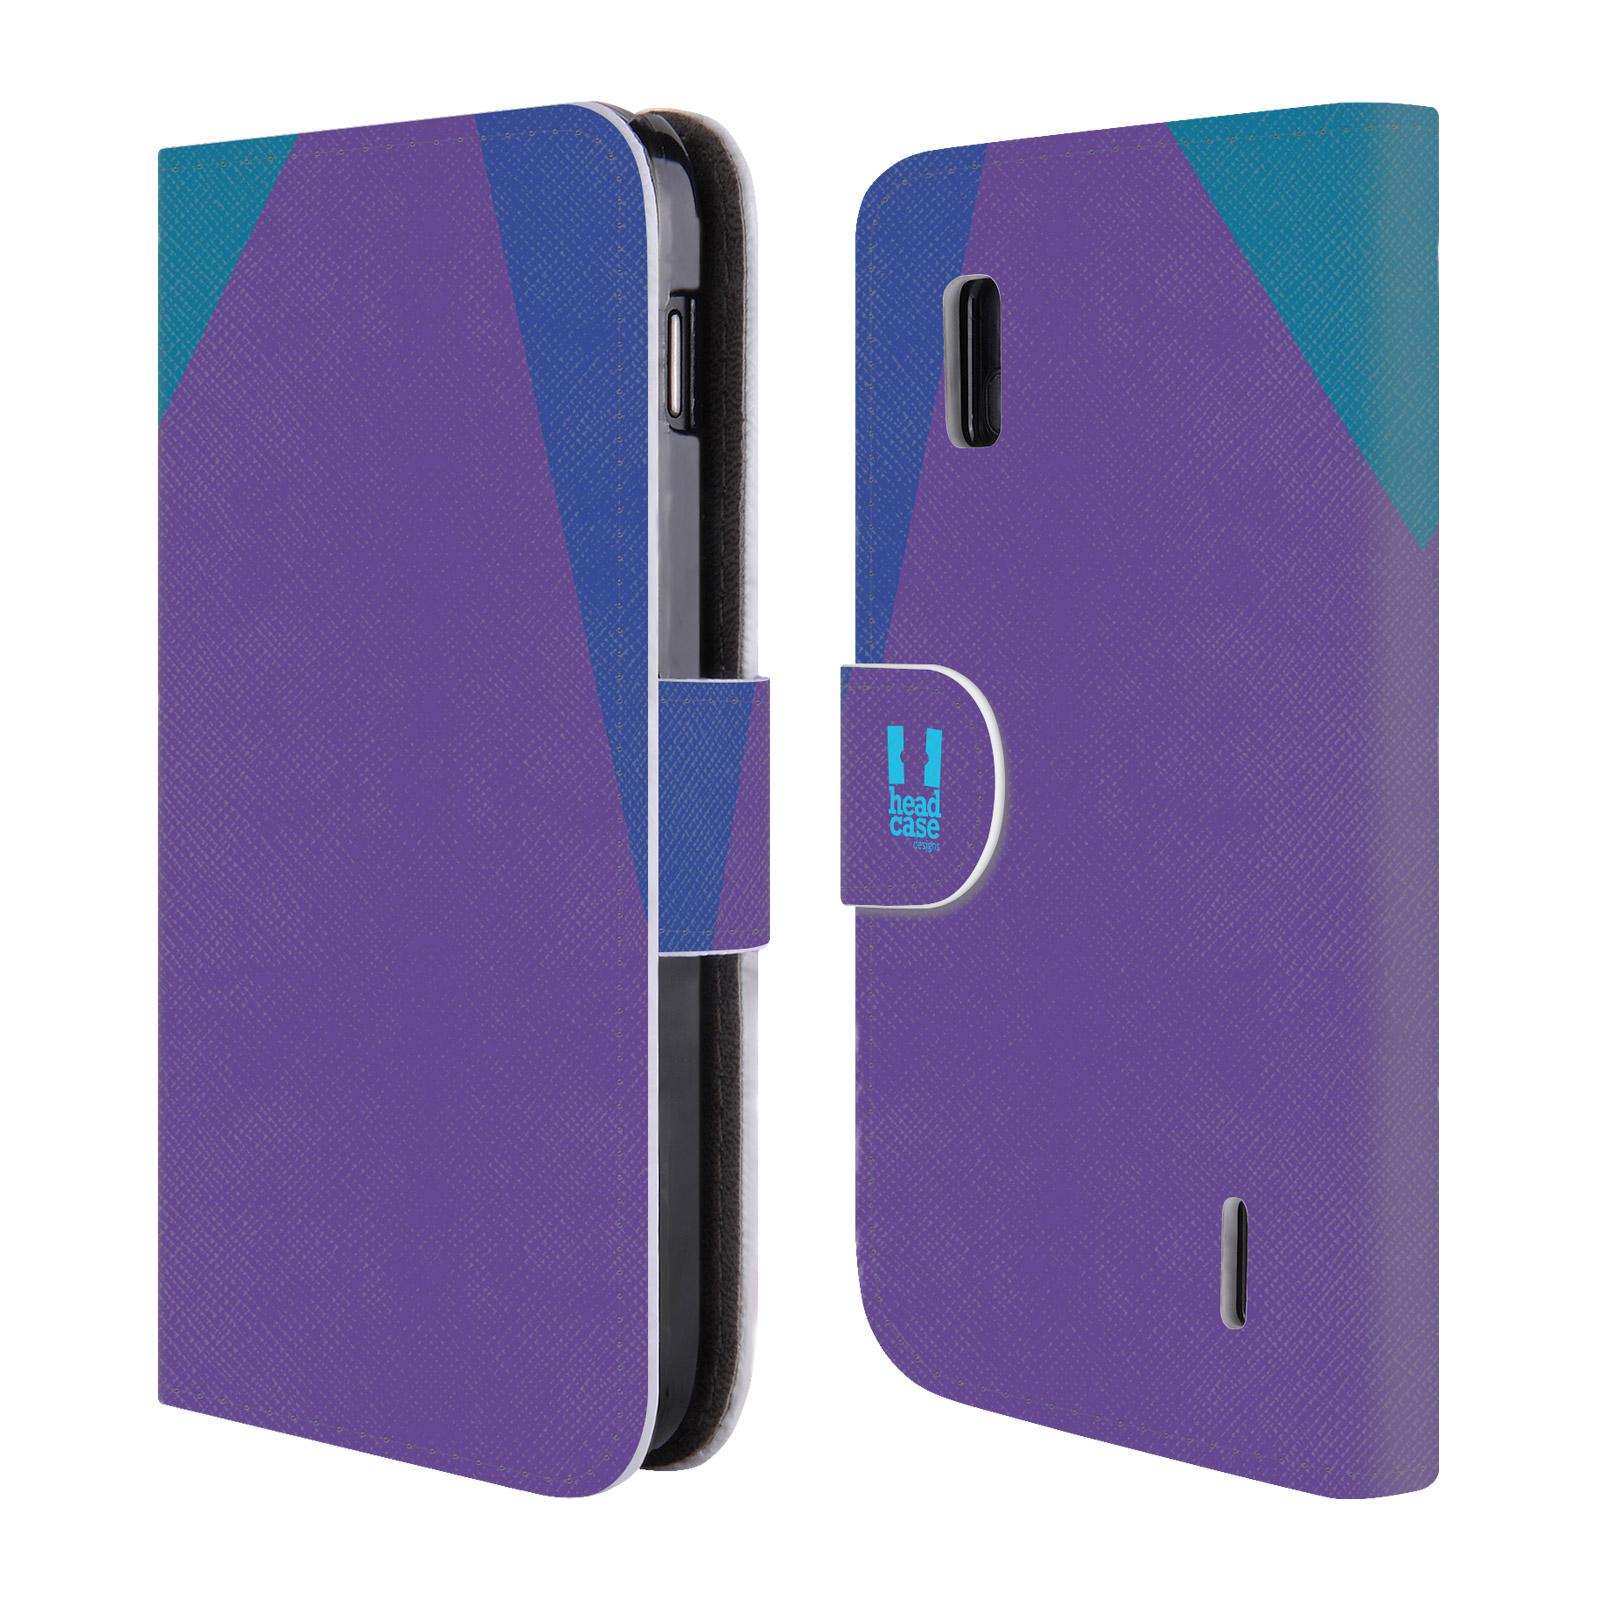 HEAD CASE Flipové pouzdro pro mobil LG NEXUS 4 barevné tvary fialová feminine